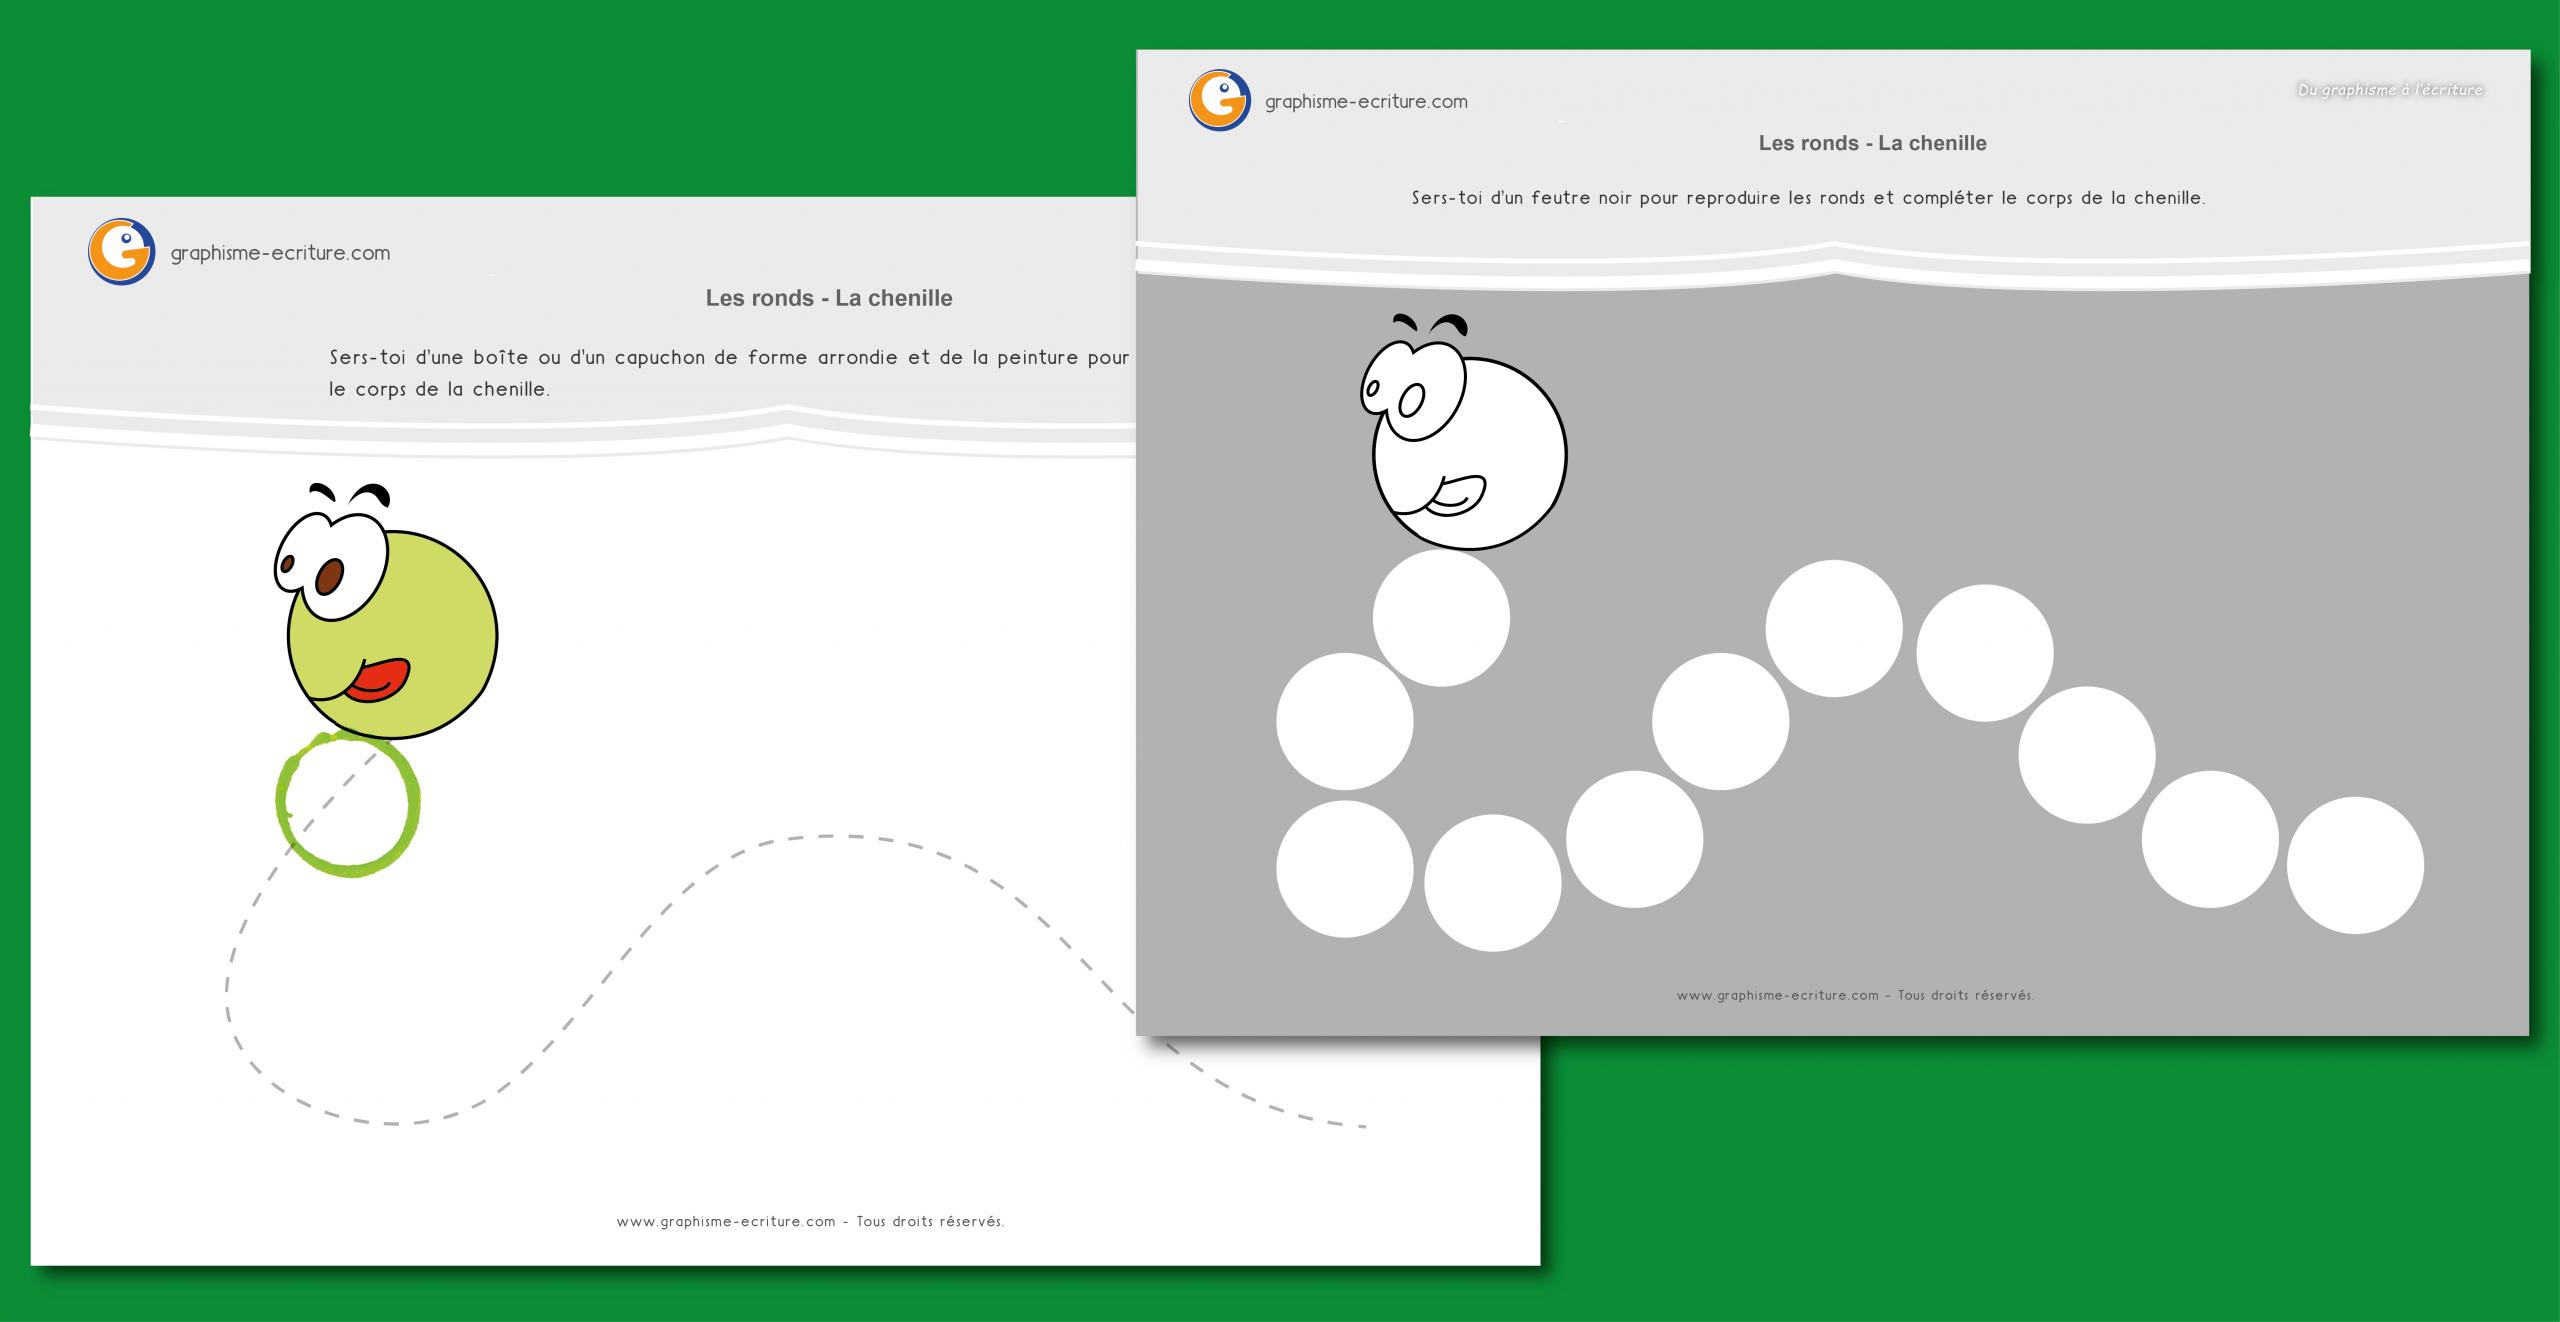 Graphisme Petite Section Ronds : Le Corps De La Chenille destiné Graphisme En Petite Section